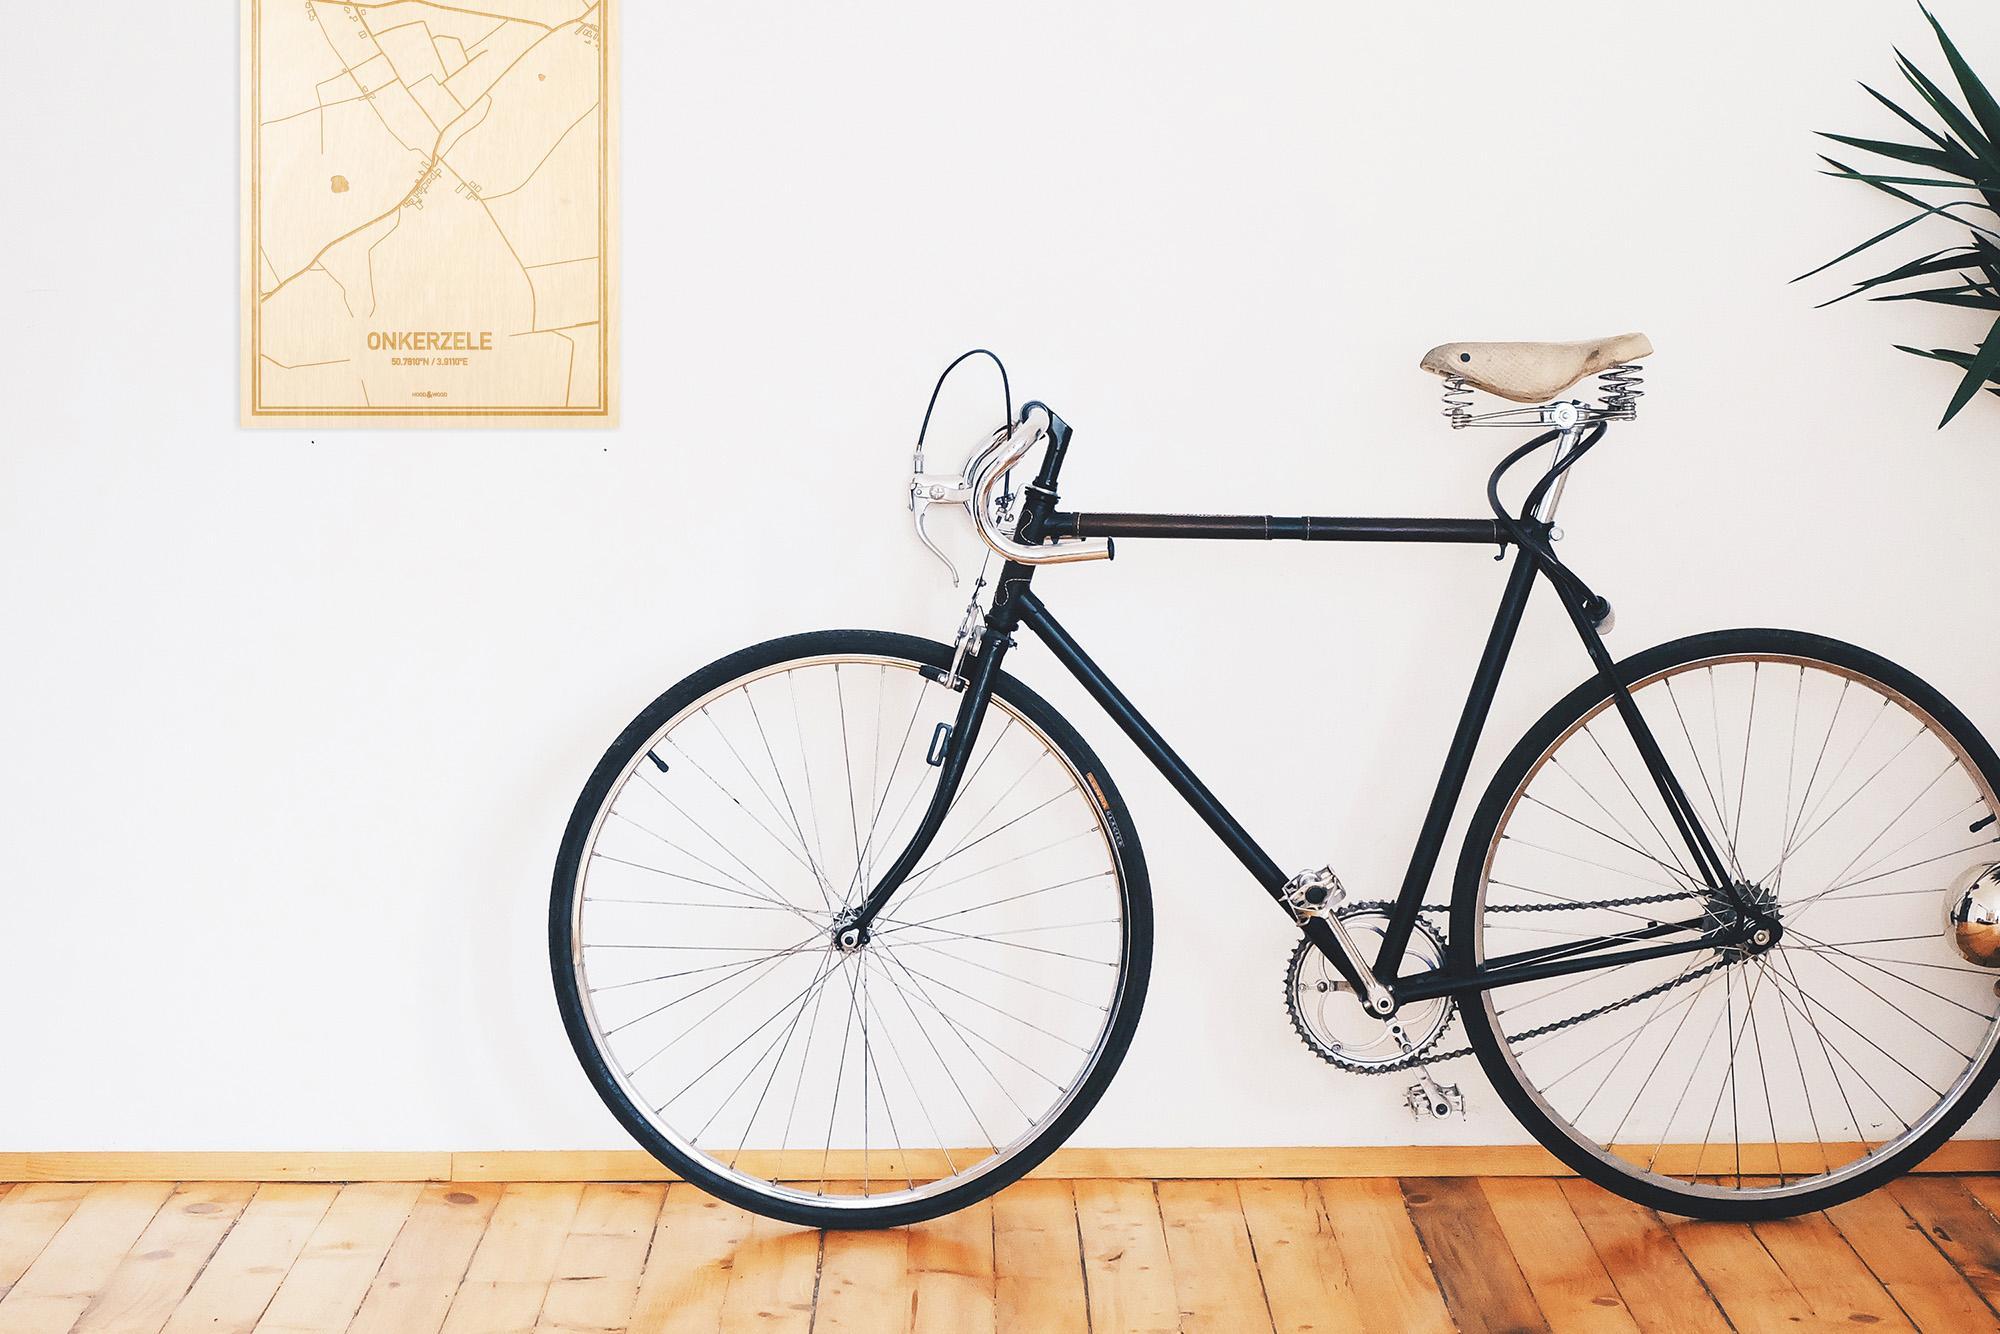 Een snelle fiets in een uniek interieur in Oost-Vlaanderen  met mooie decoratie zoals de plattegrond Onkerzele.